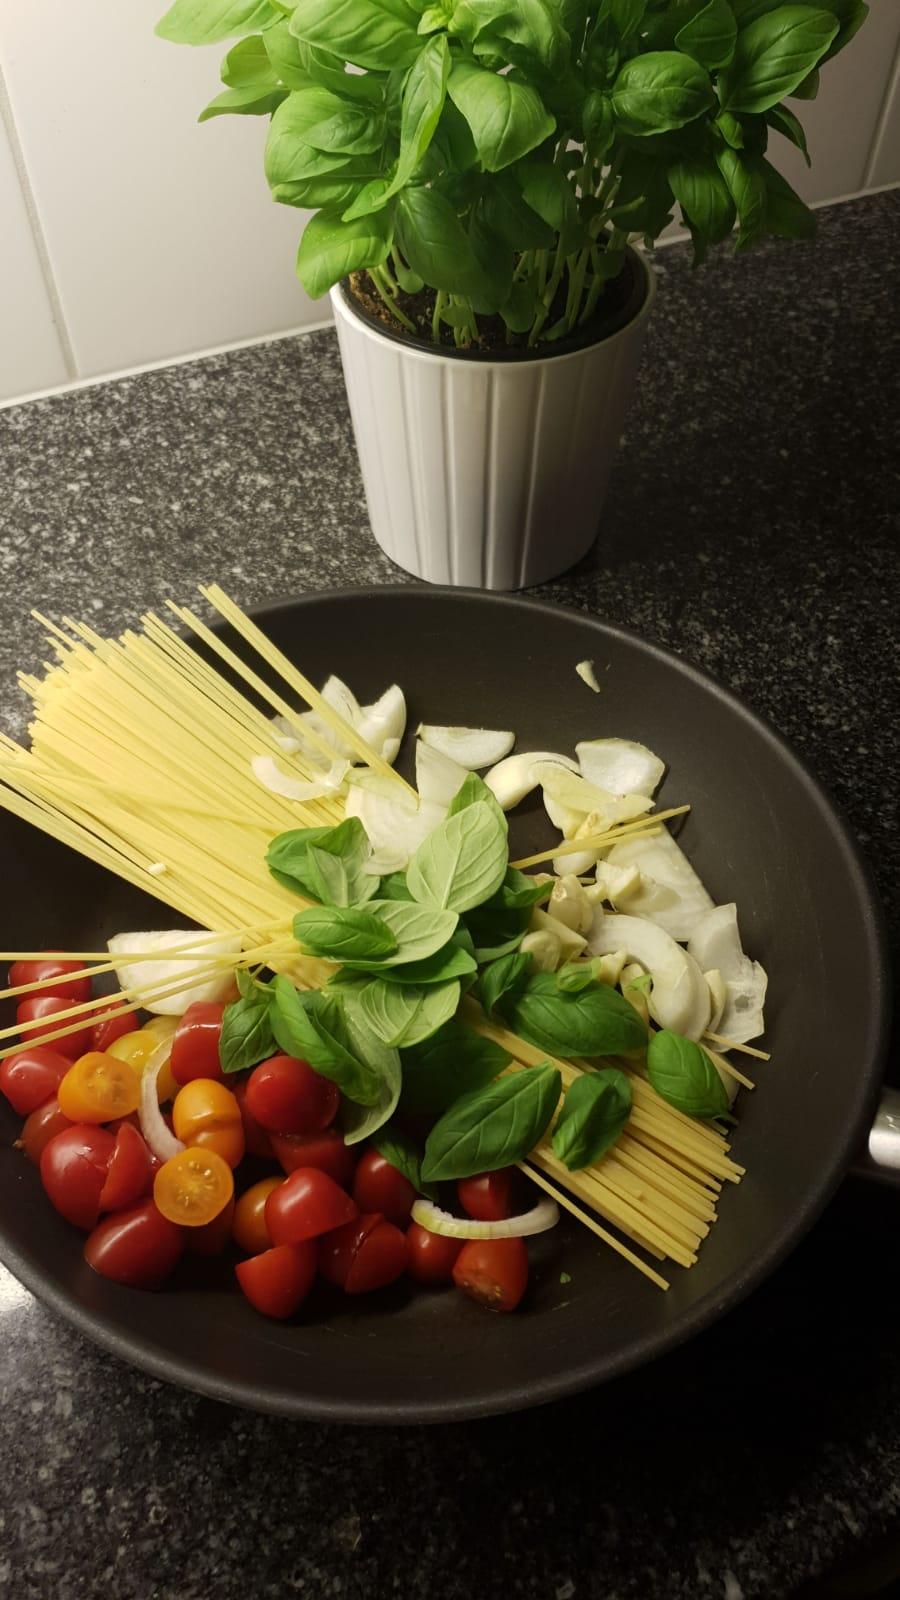 http://foodloader.net/xSh_2018-08-04_Spaghetti.jpg